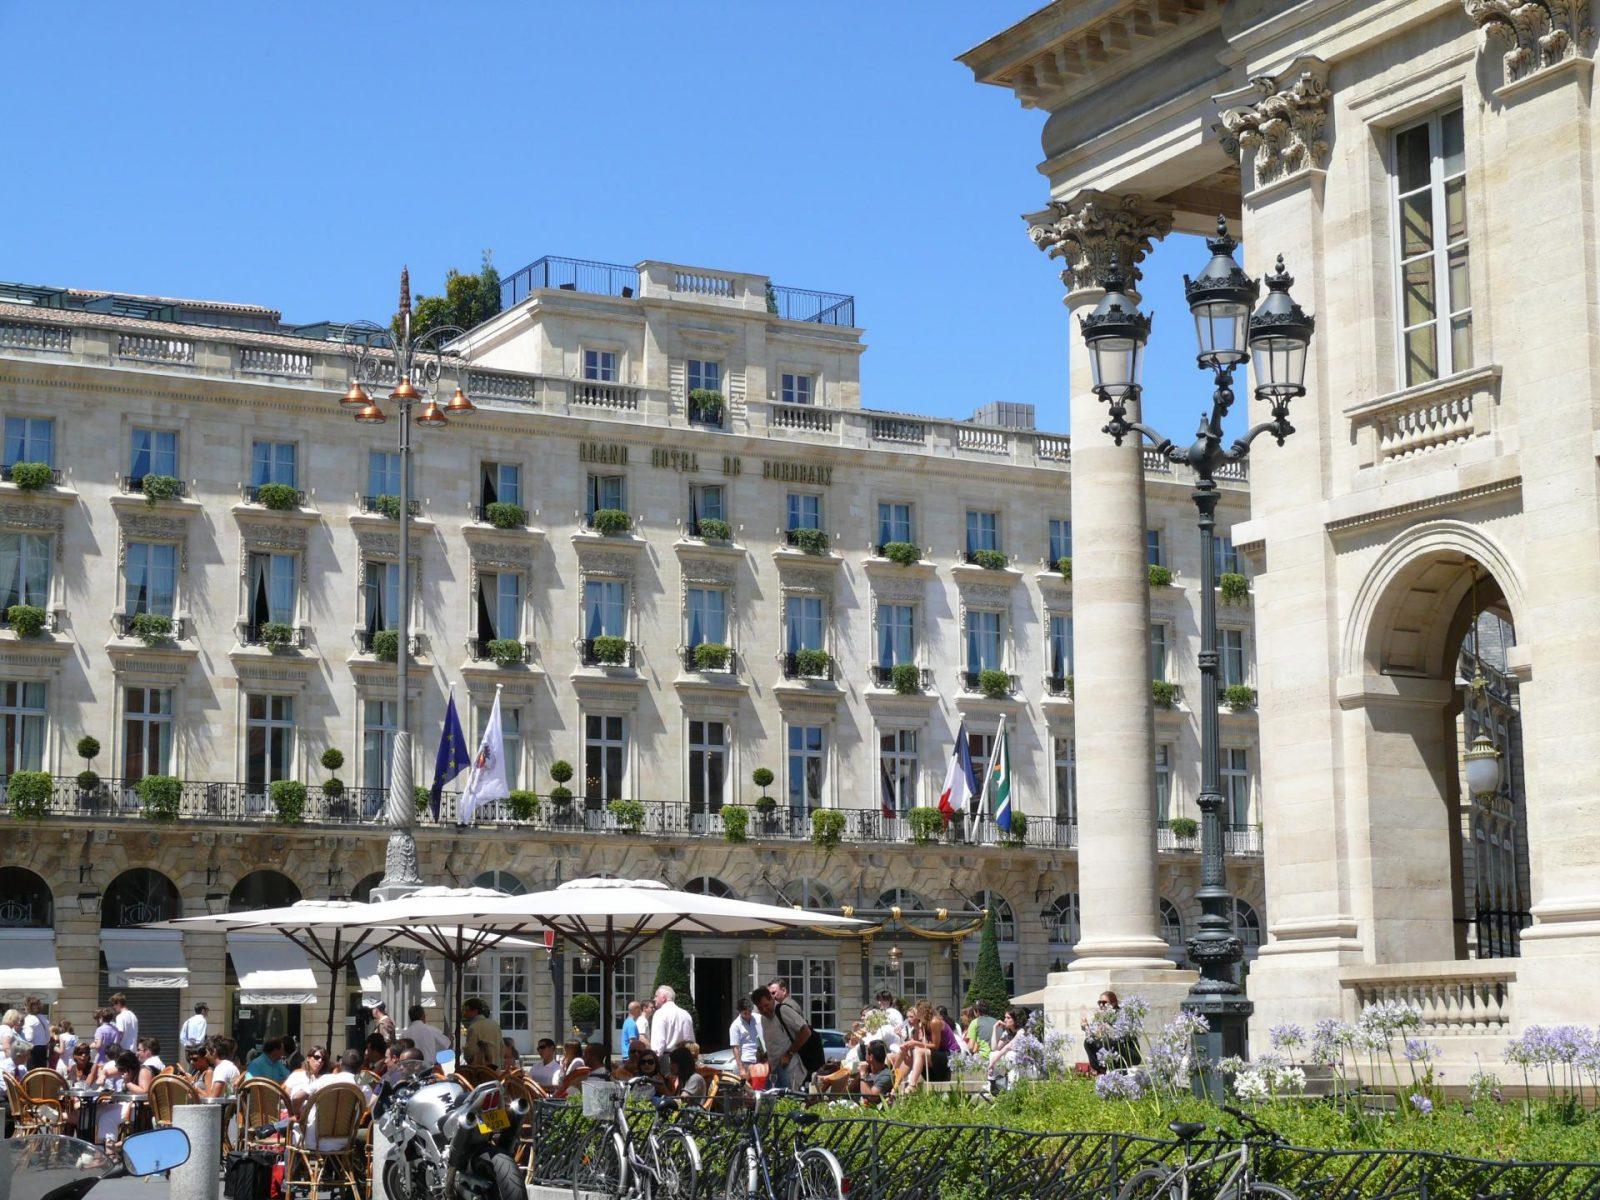 Grand Hôtel de Bordeaux (12)